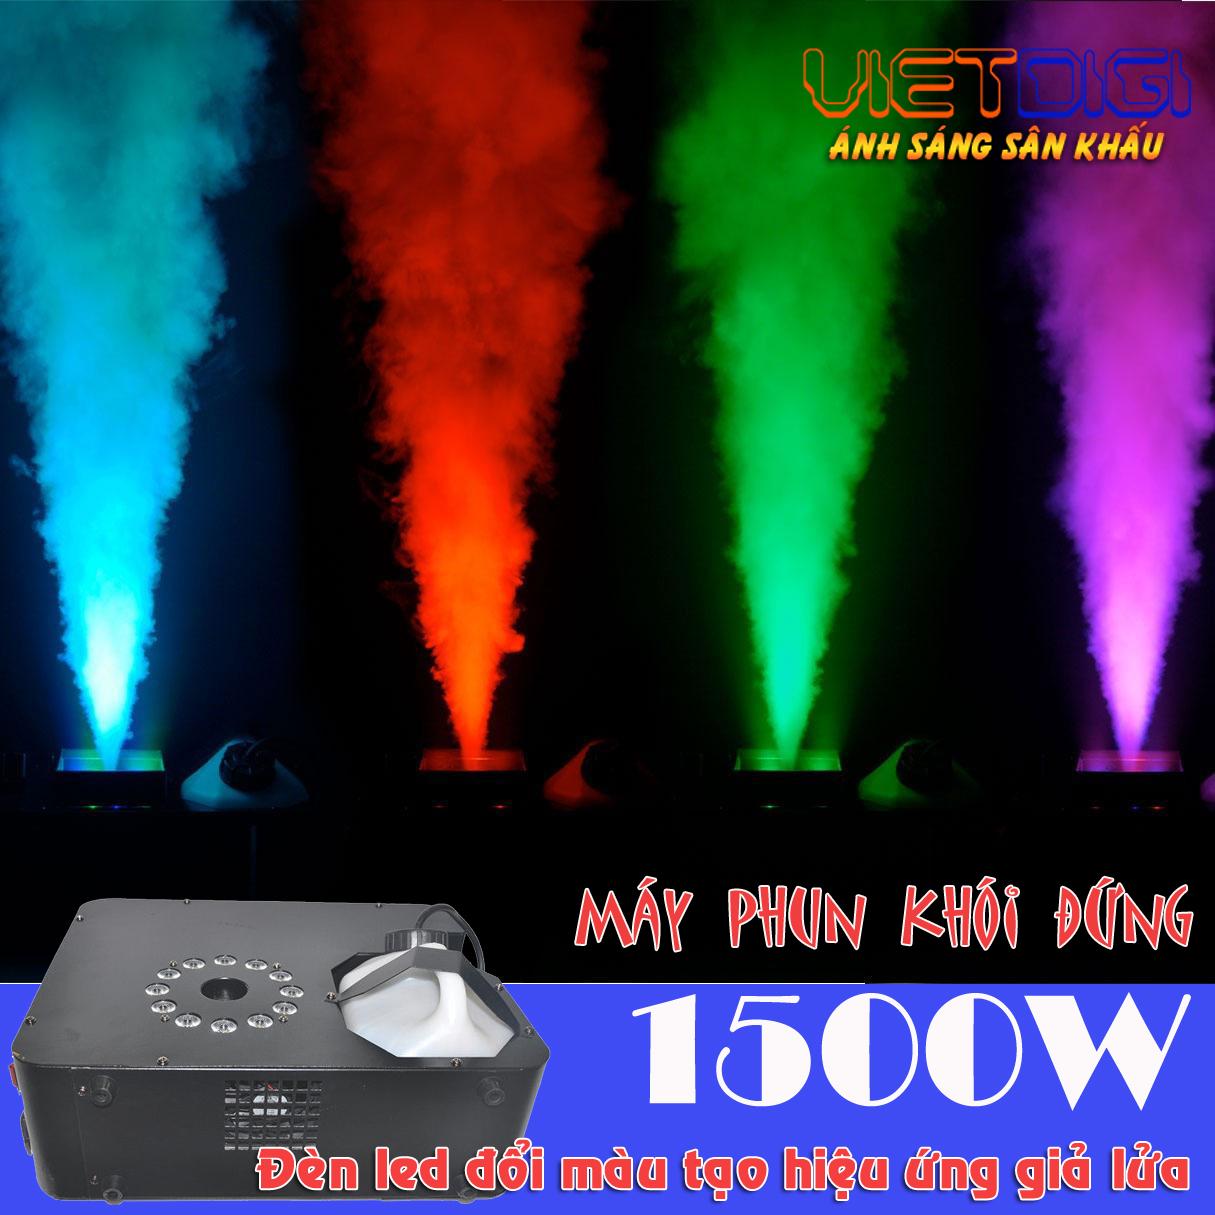 Máy phun khói đứng LED đổi màu 1500W và hiệu ứng